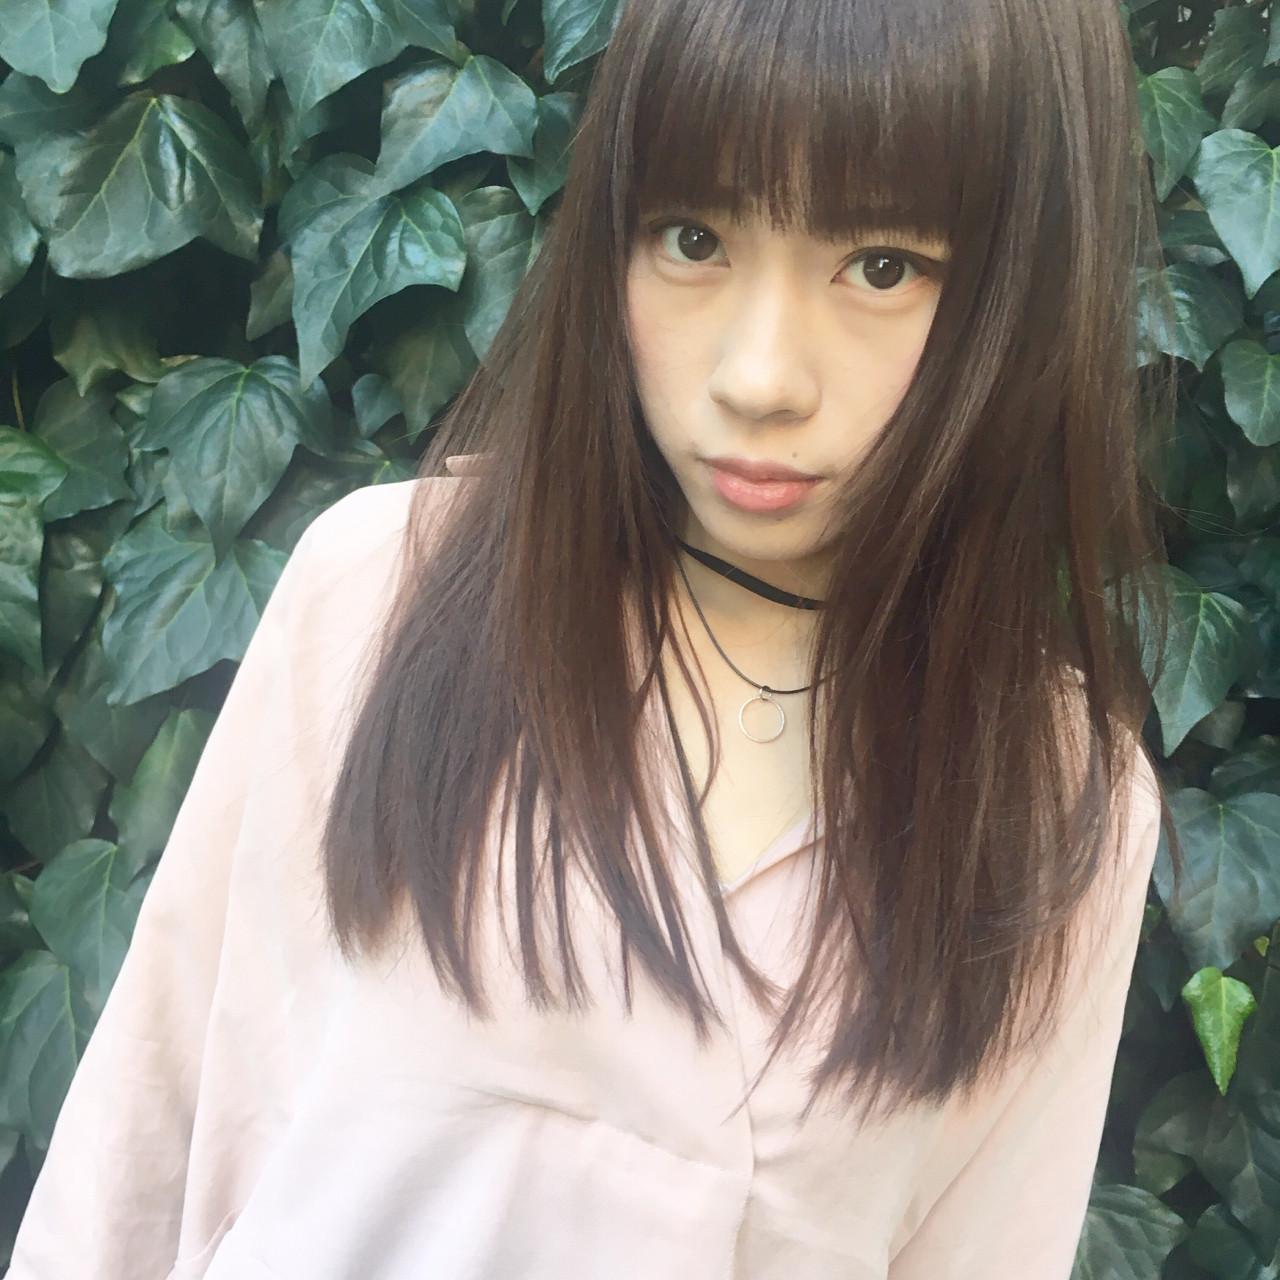 前髪を作りたい♡イメチェン度ナンバーワンの前髪スタイルまとめ 岩田 和也